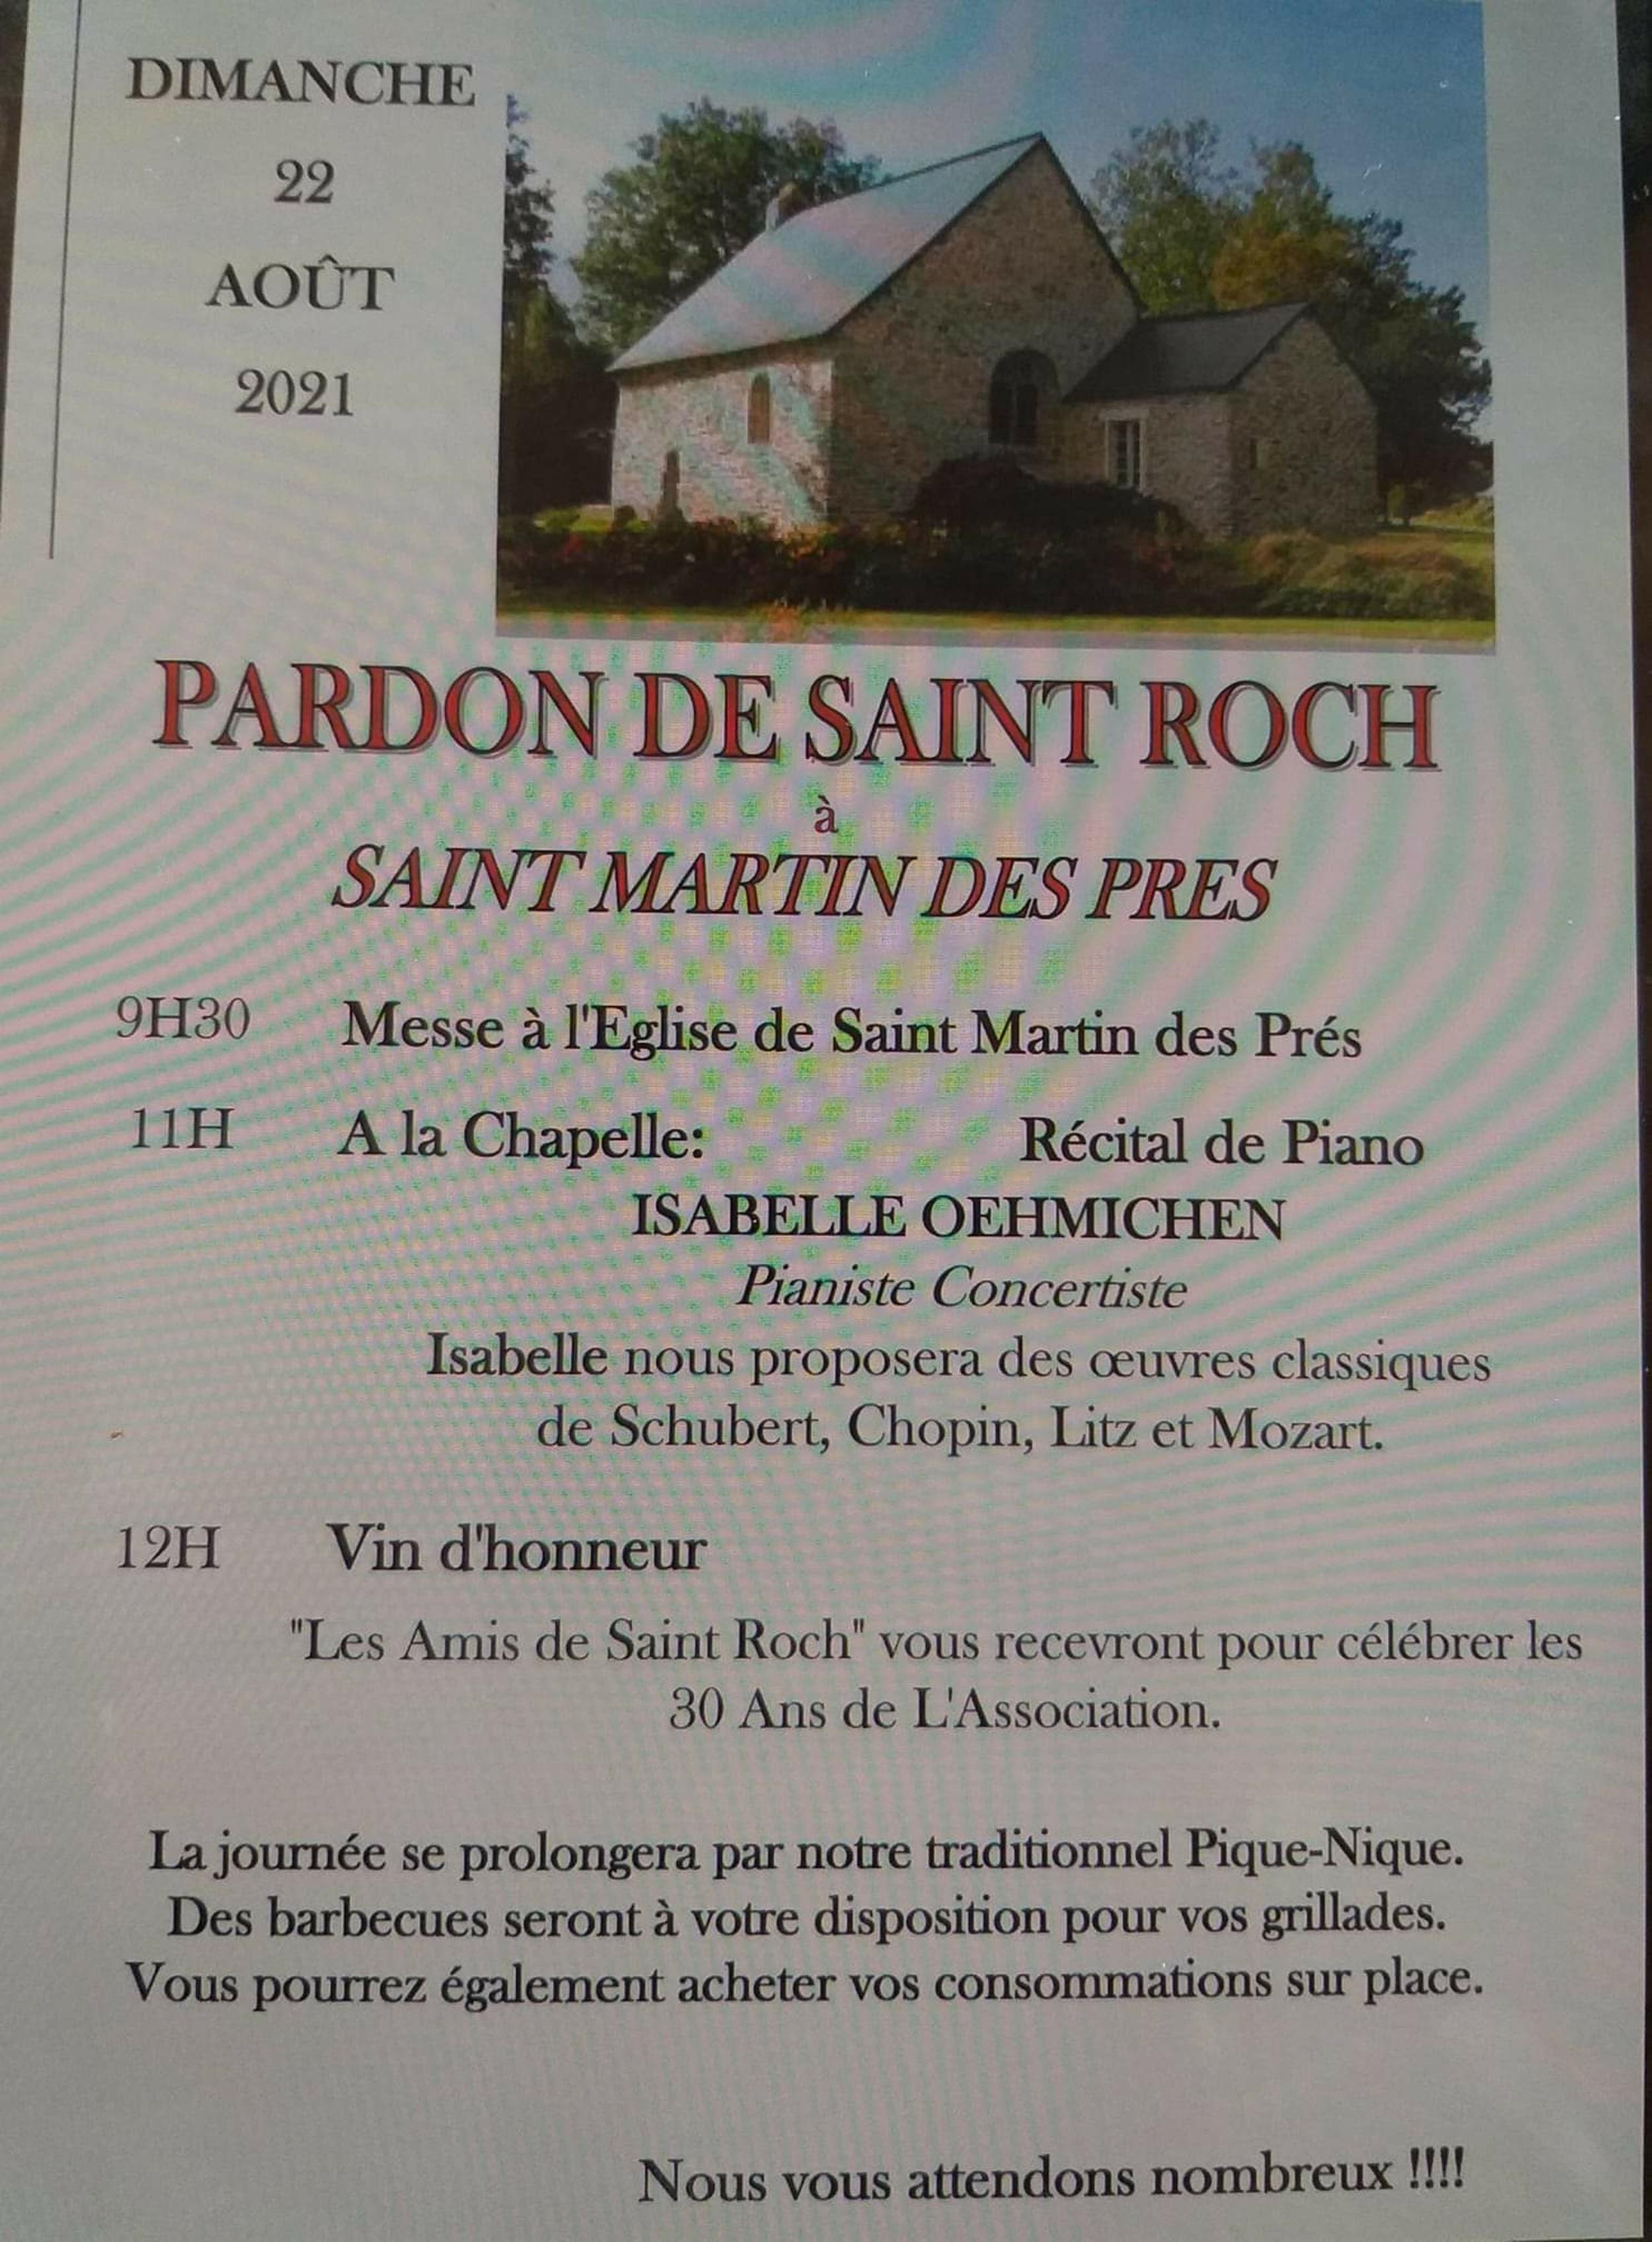 Le pardon de la chapelle St Roch 2021 à St Martin des Prés